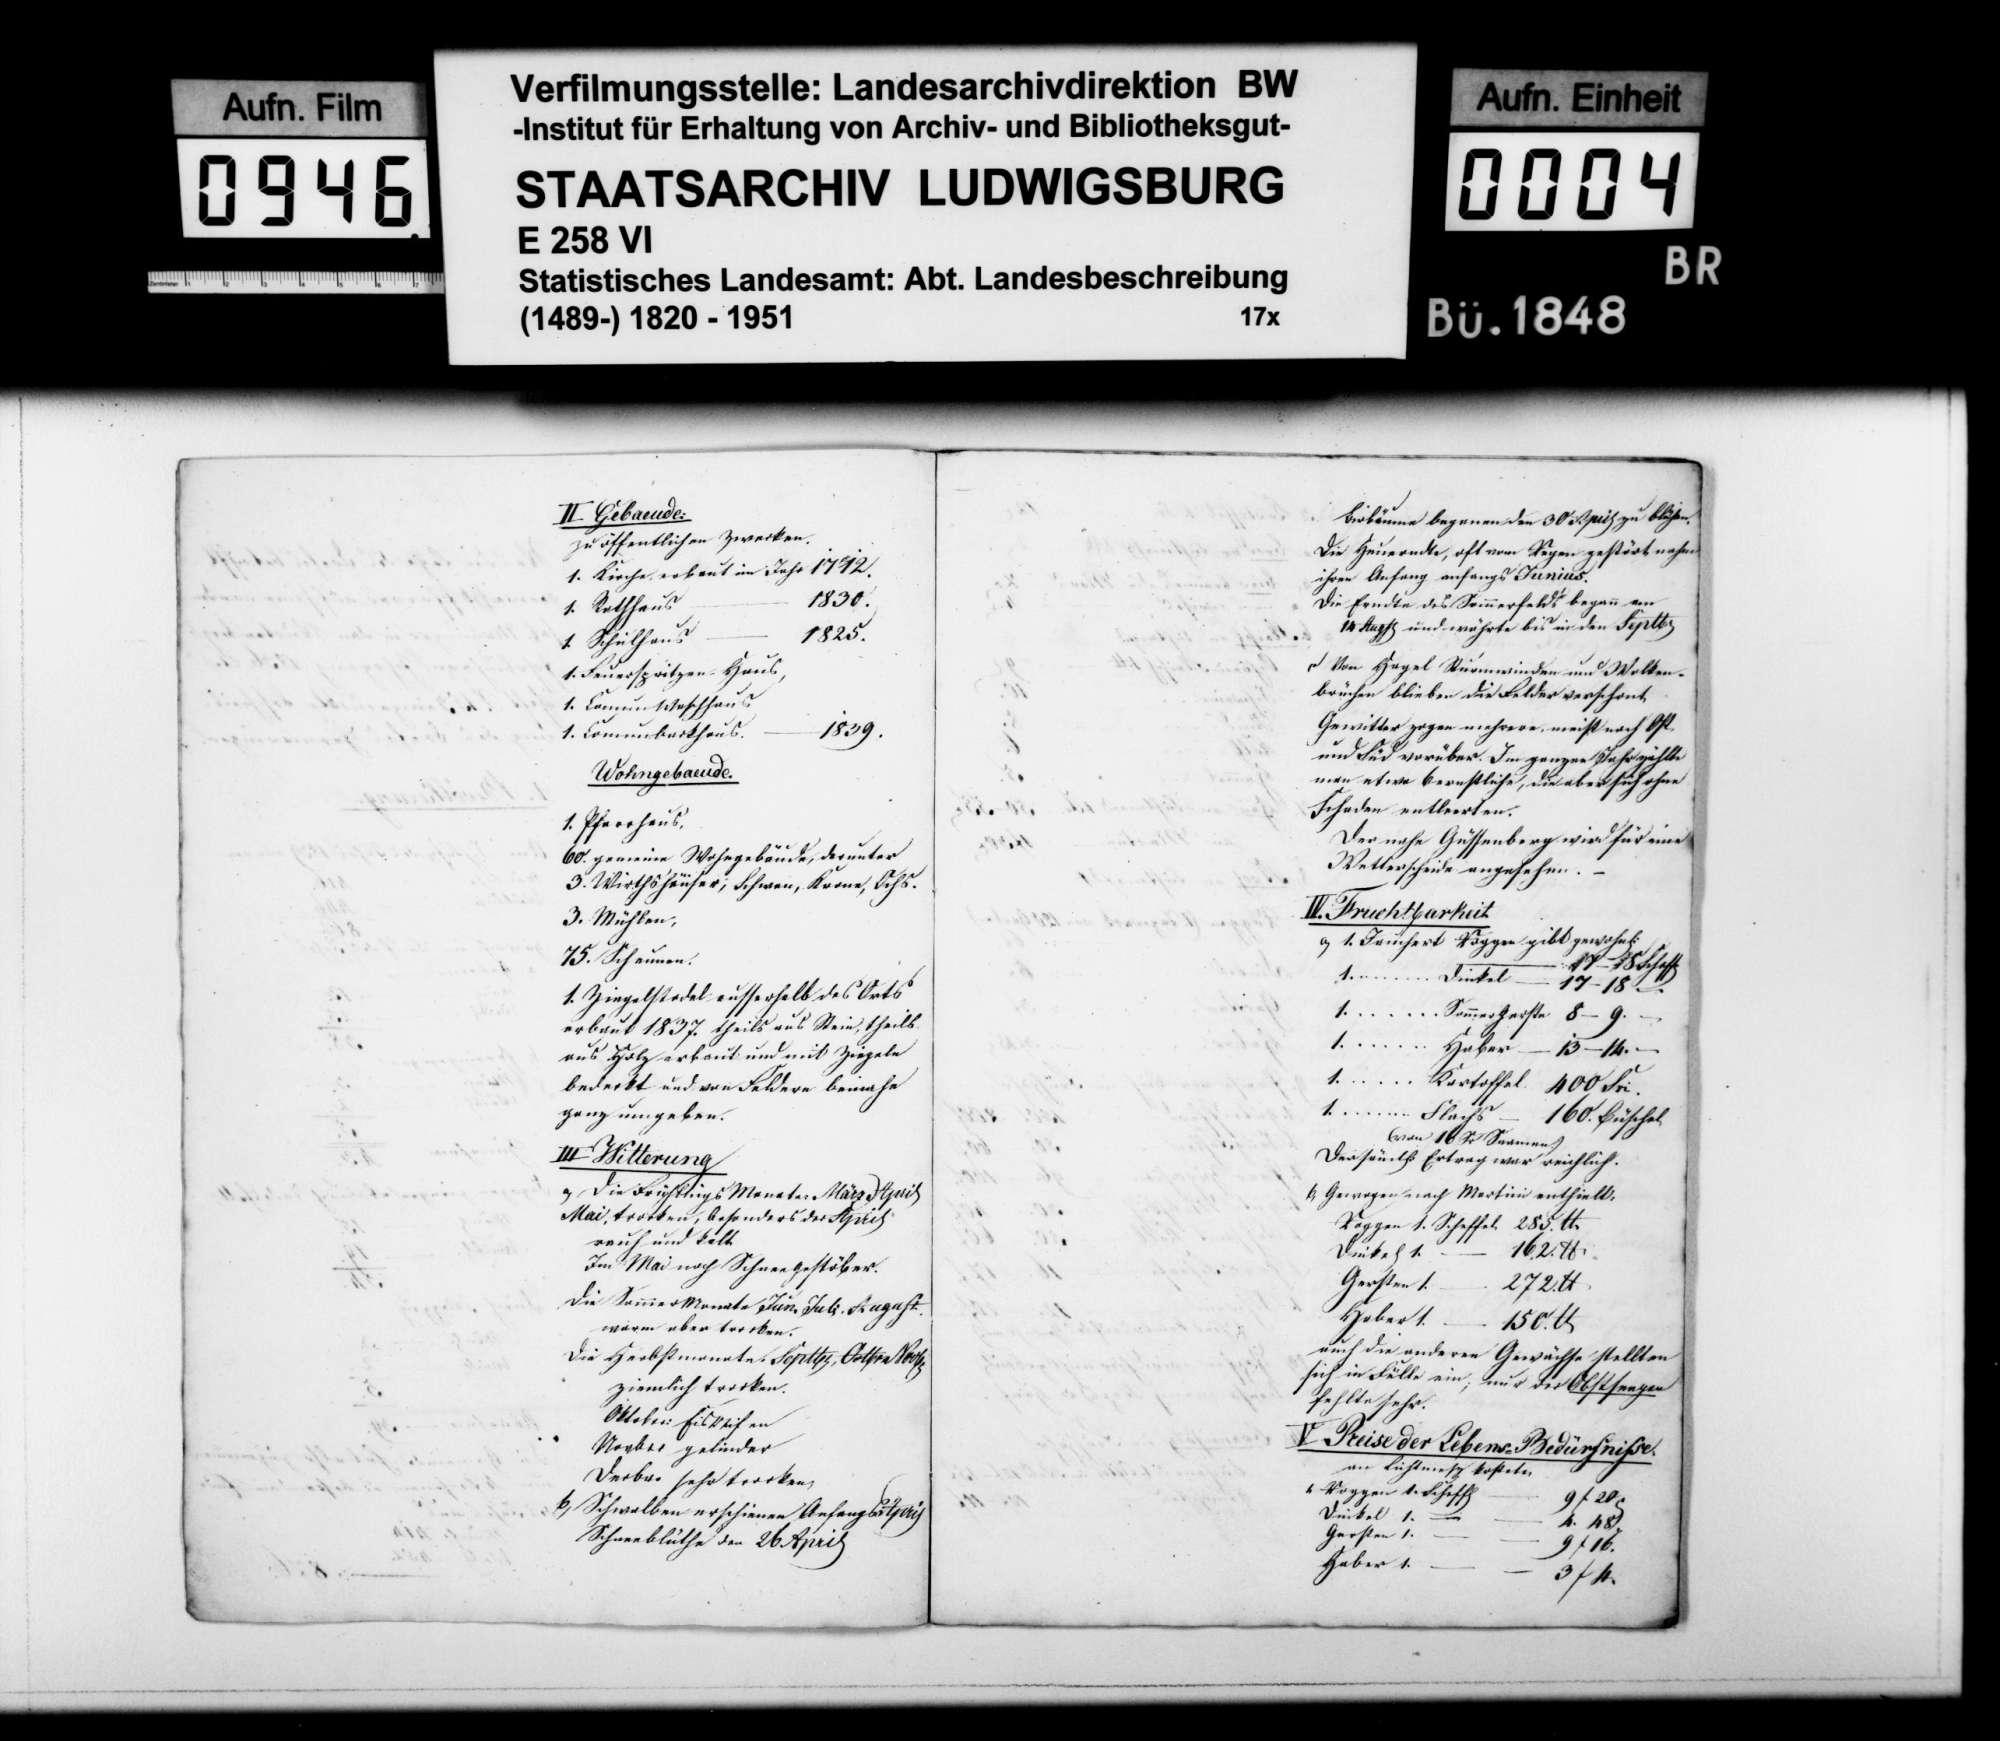 Jahreschronik 1840 des Dorfes Hermaringen, von Pfarrer Magenau, Bild 3